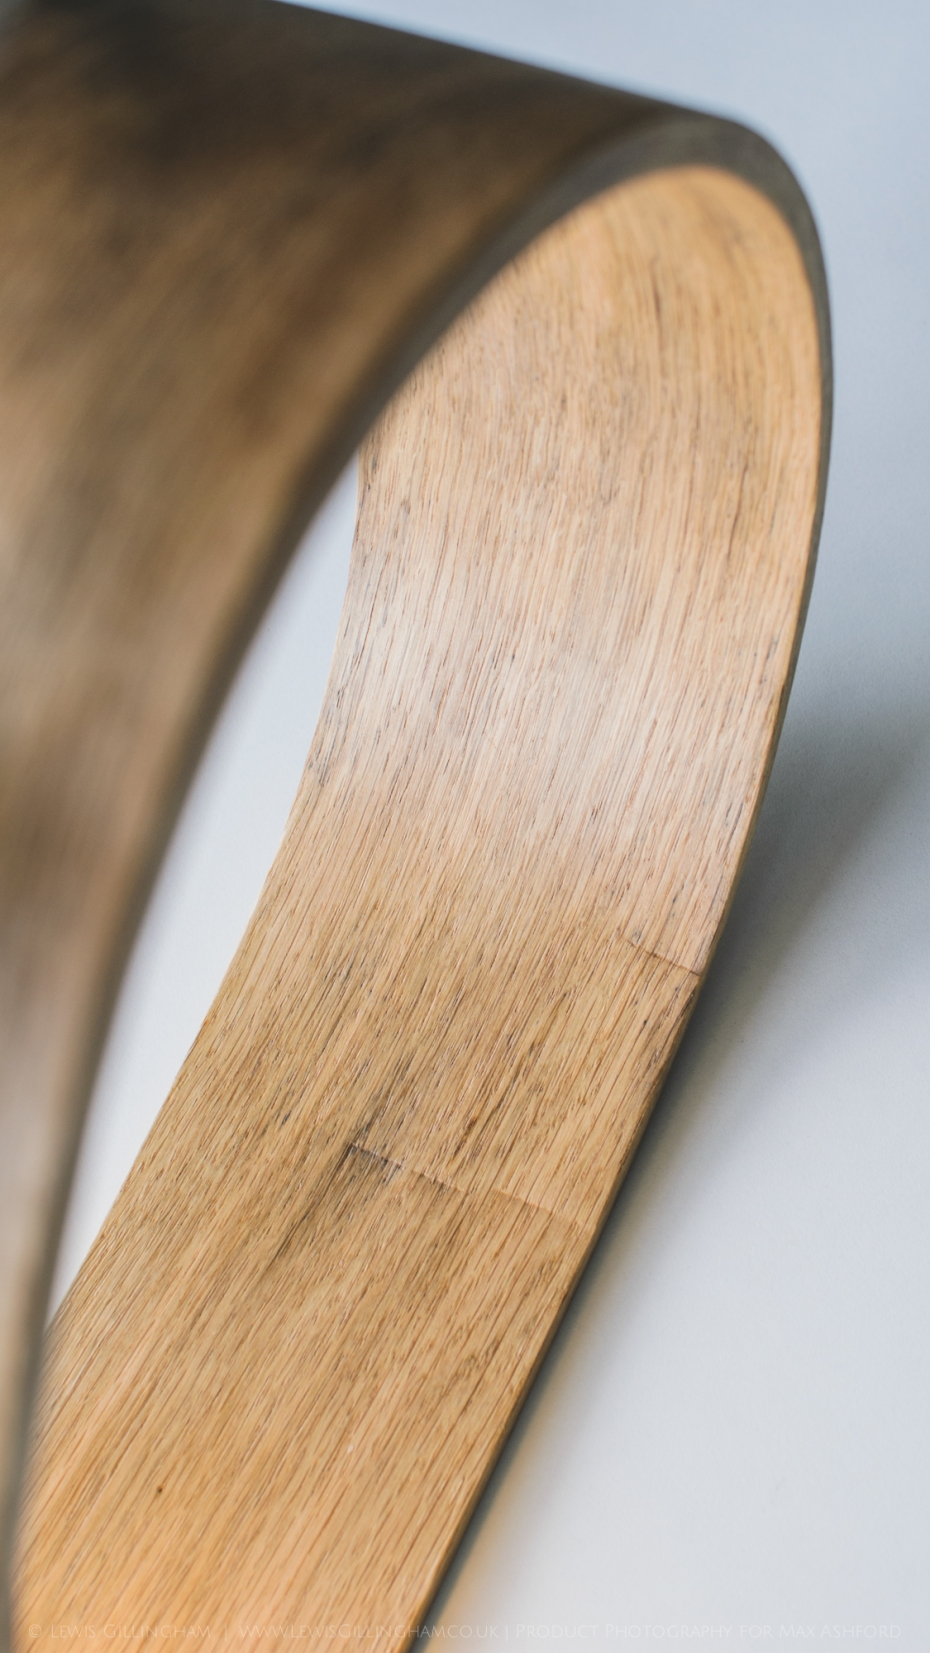 Lampka Quercus - butelka od wina i drewno - 7